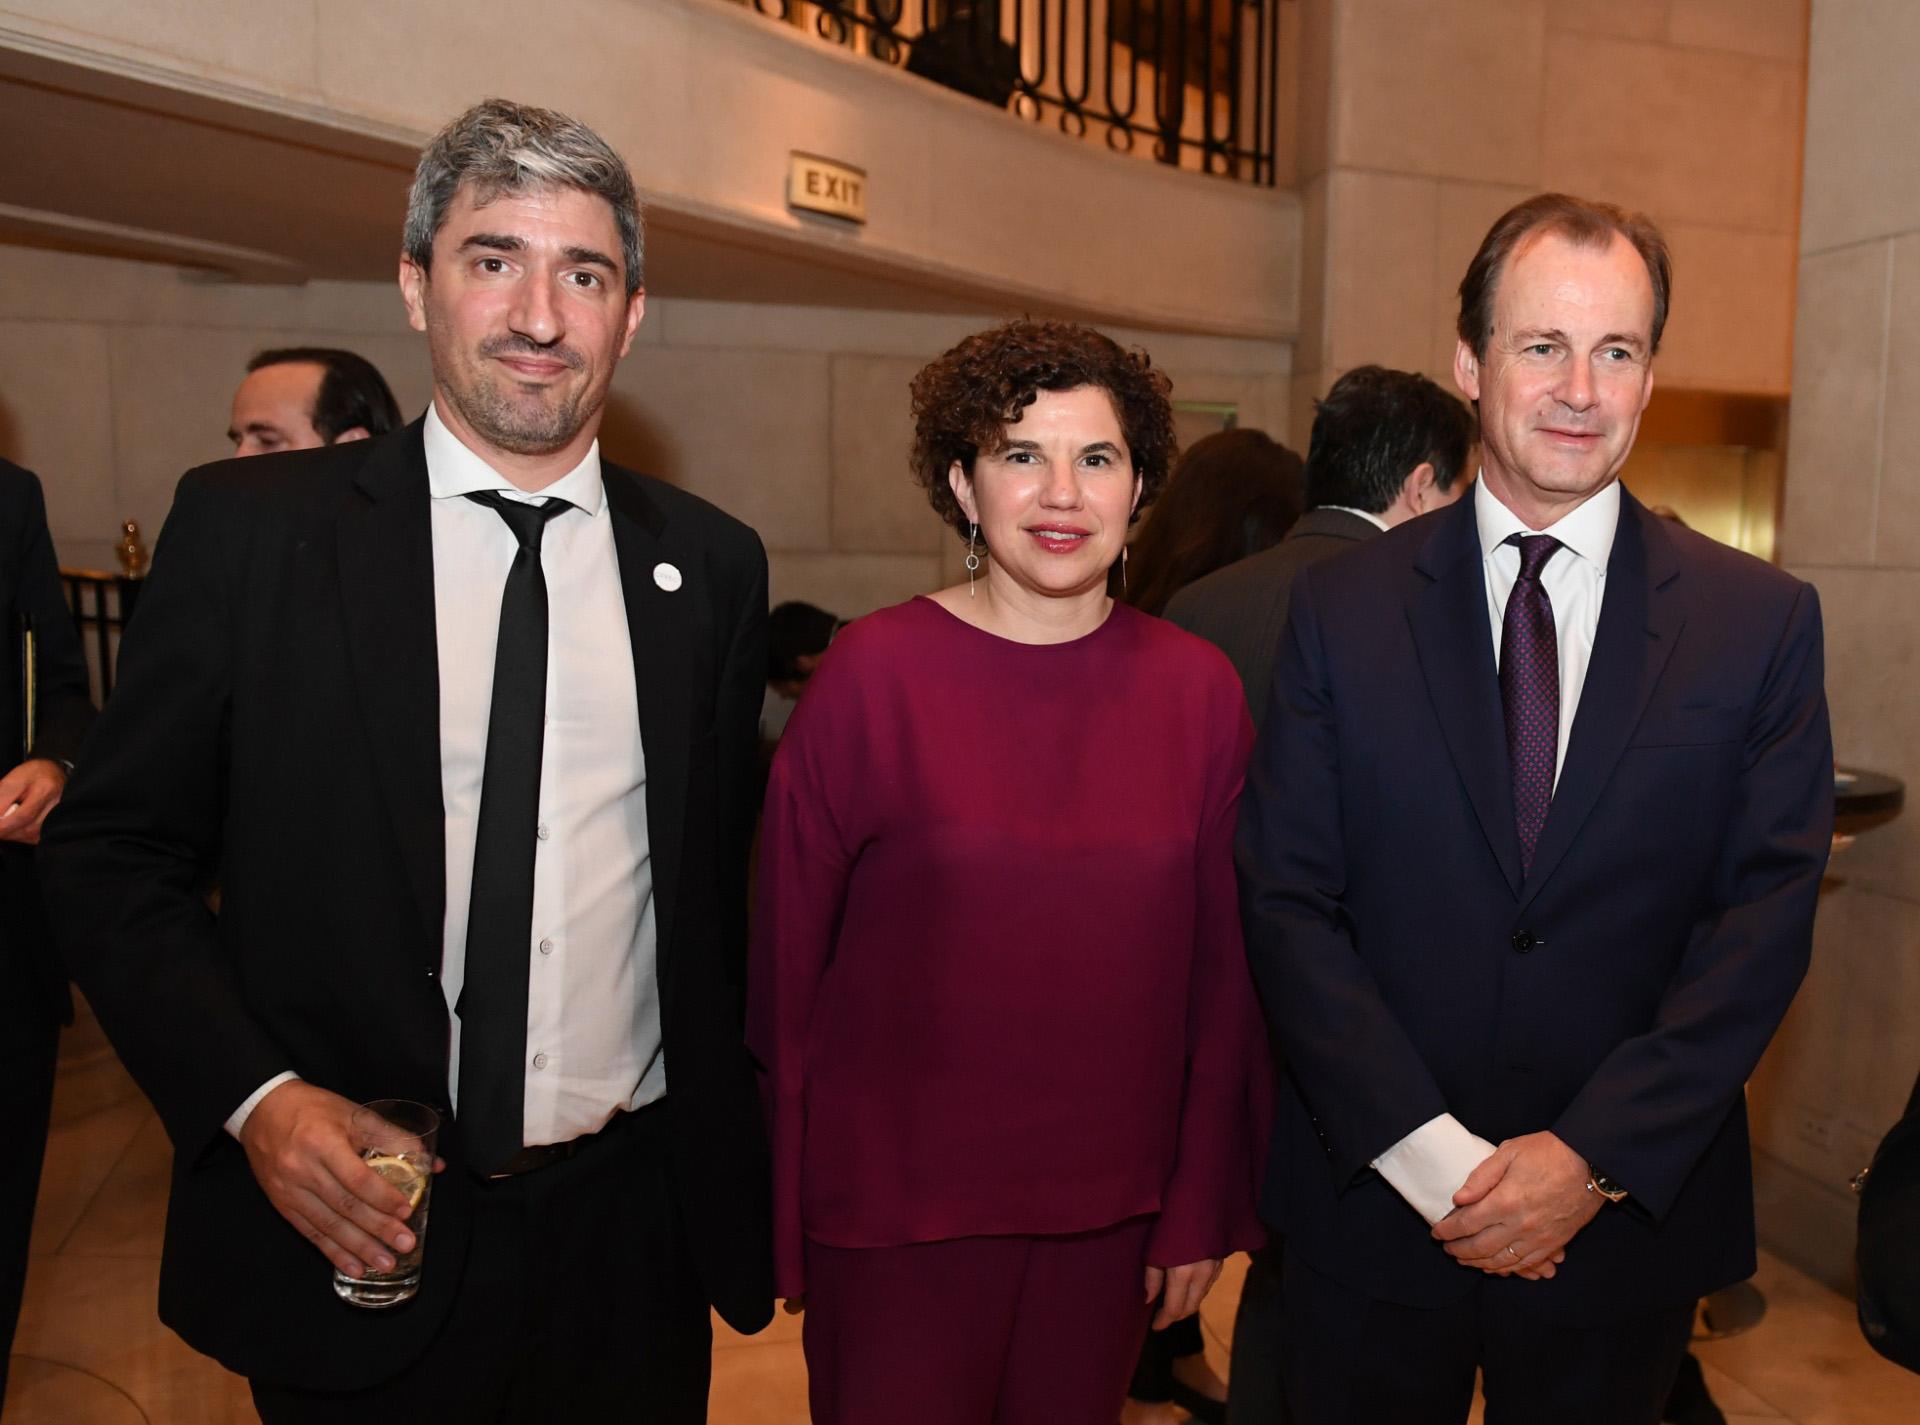 Juan Rodil y Julia Pomares (CIPPEC) con el gobernador de Entre Ríos, Gustavo Bordet. (Maximiliano Luna)